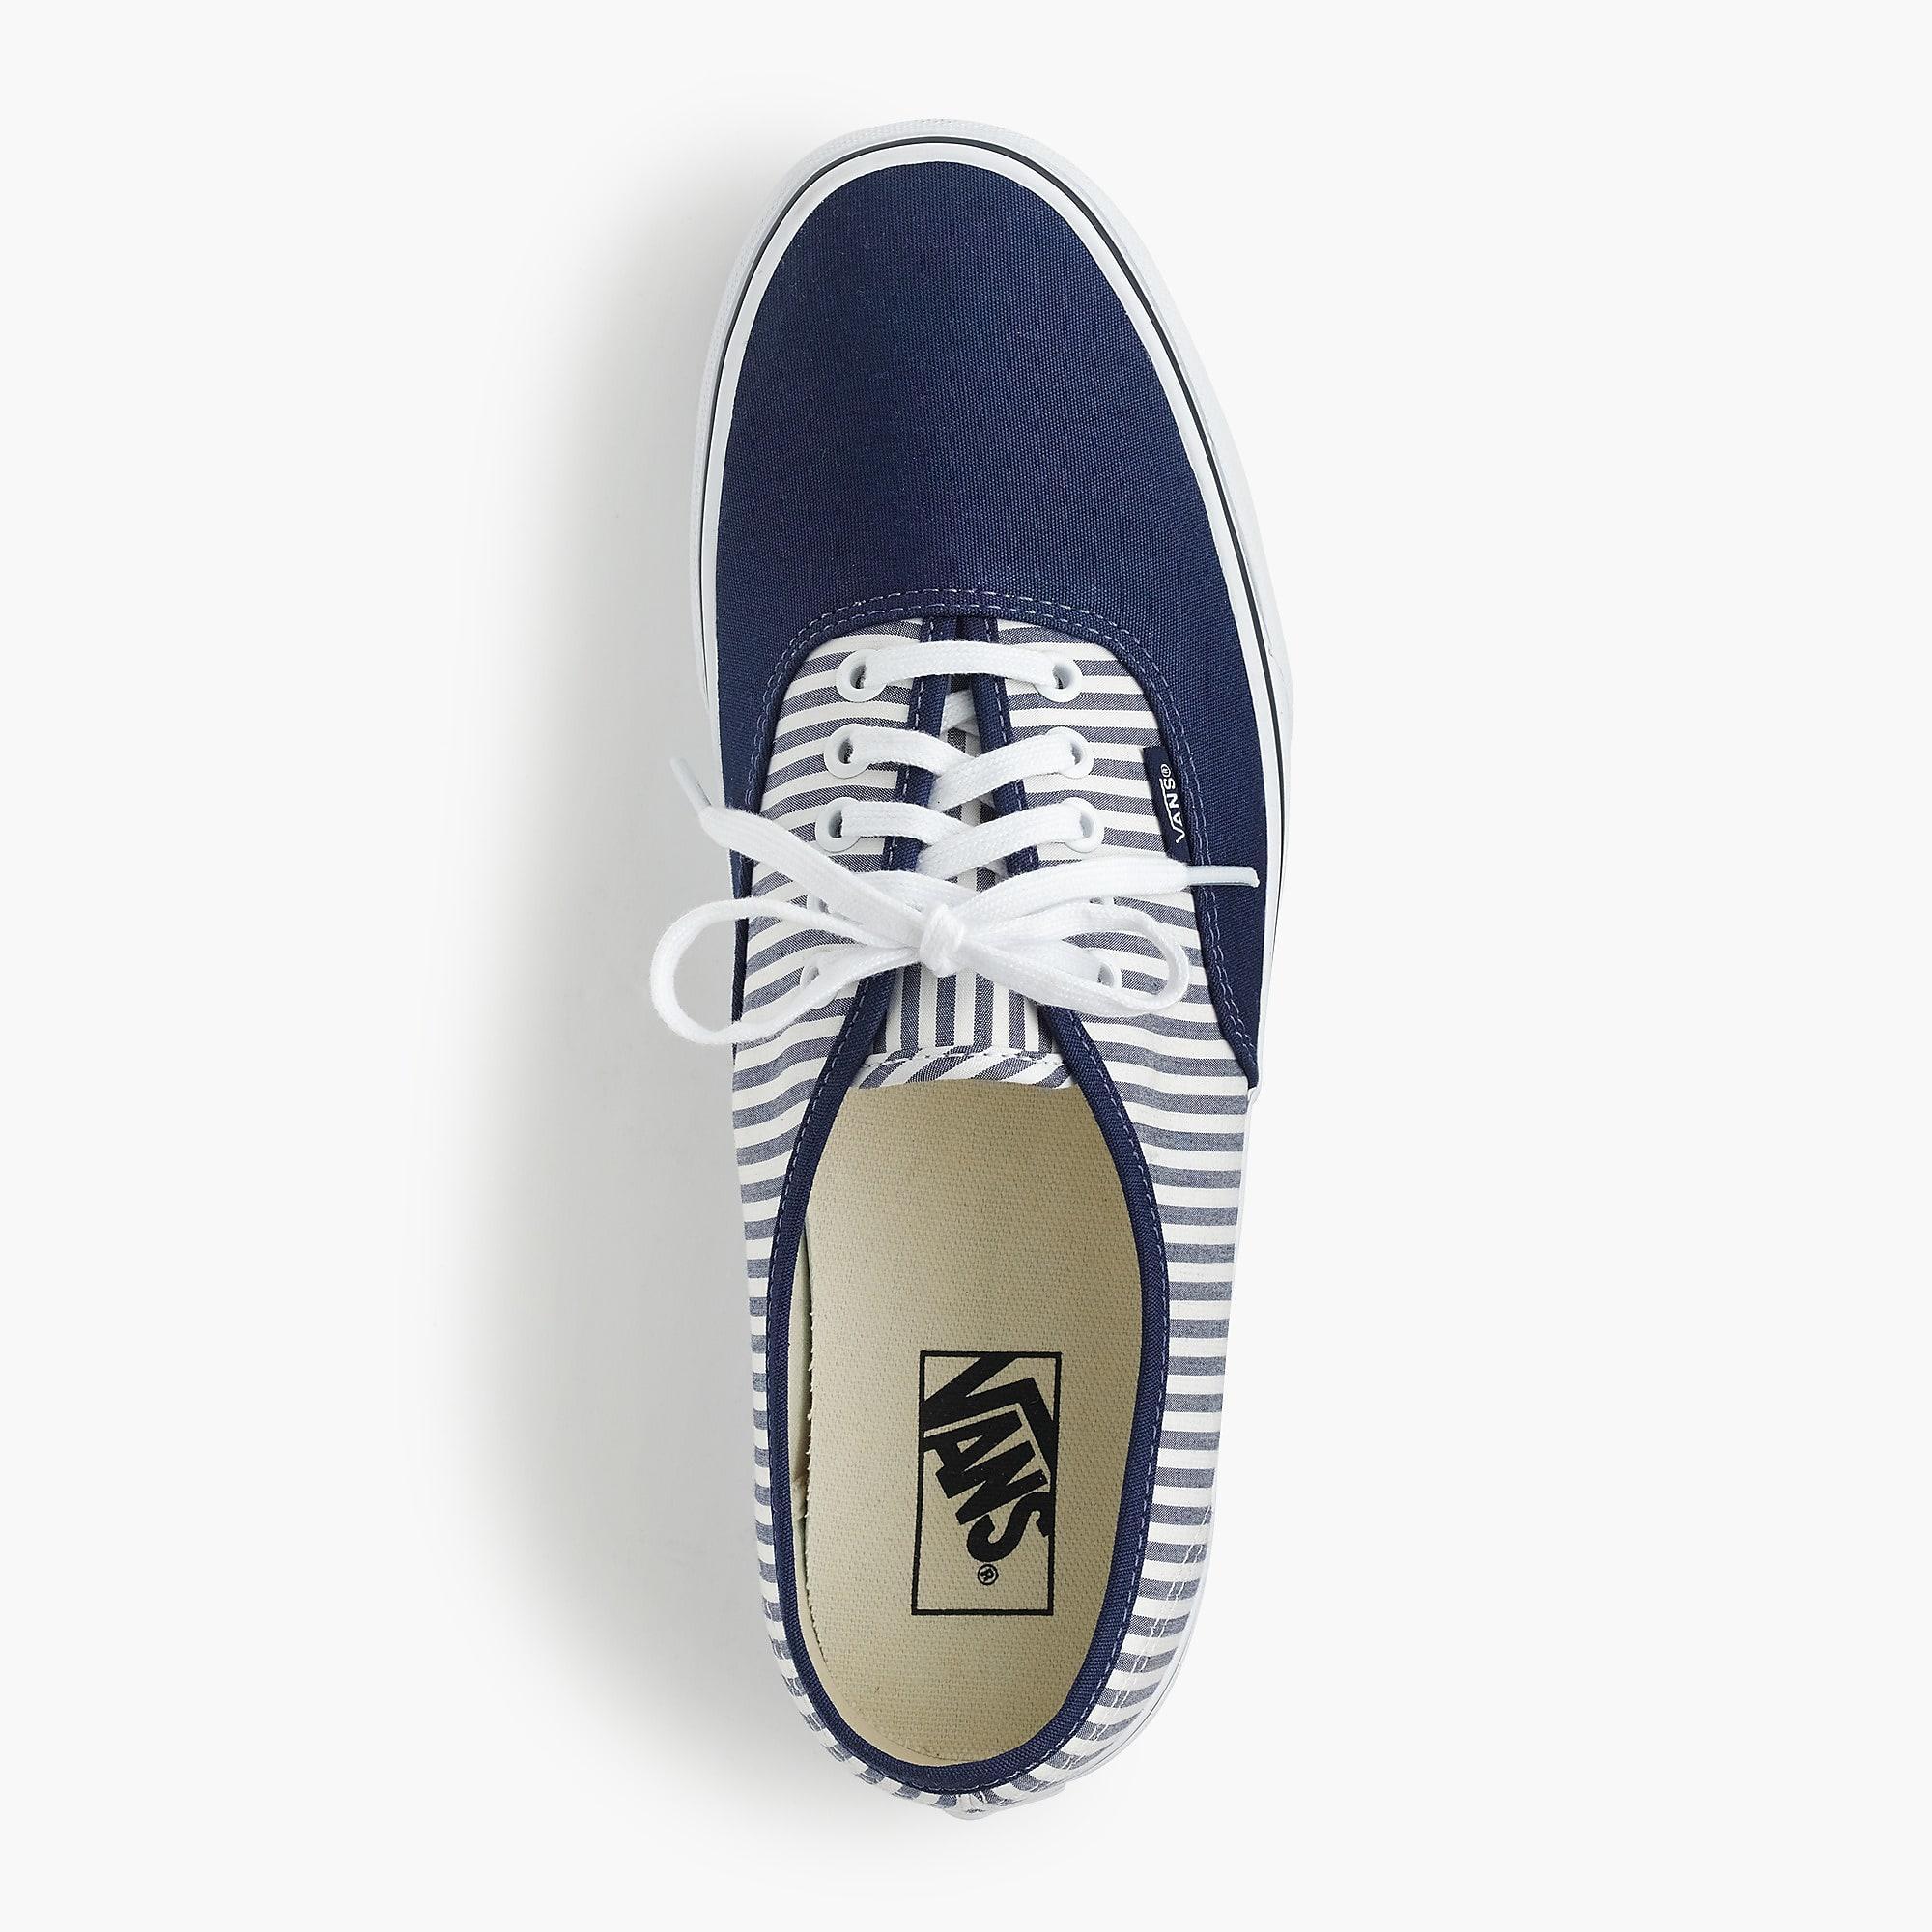 1ce0331797d Vans Authentic Sneakers In Seersucker Stripe in Blue for Men - Lyst